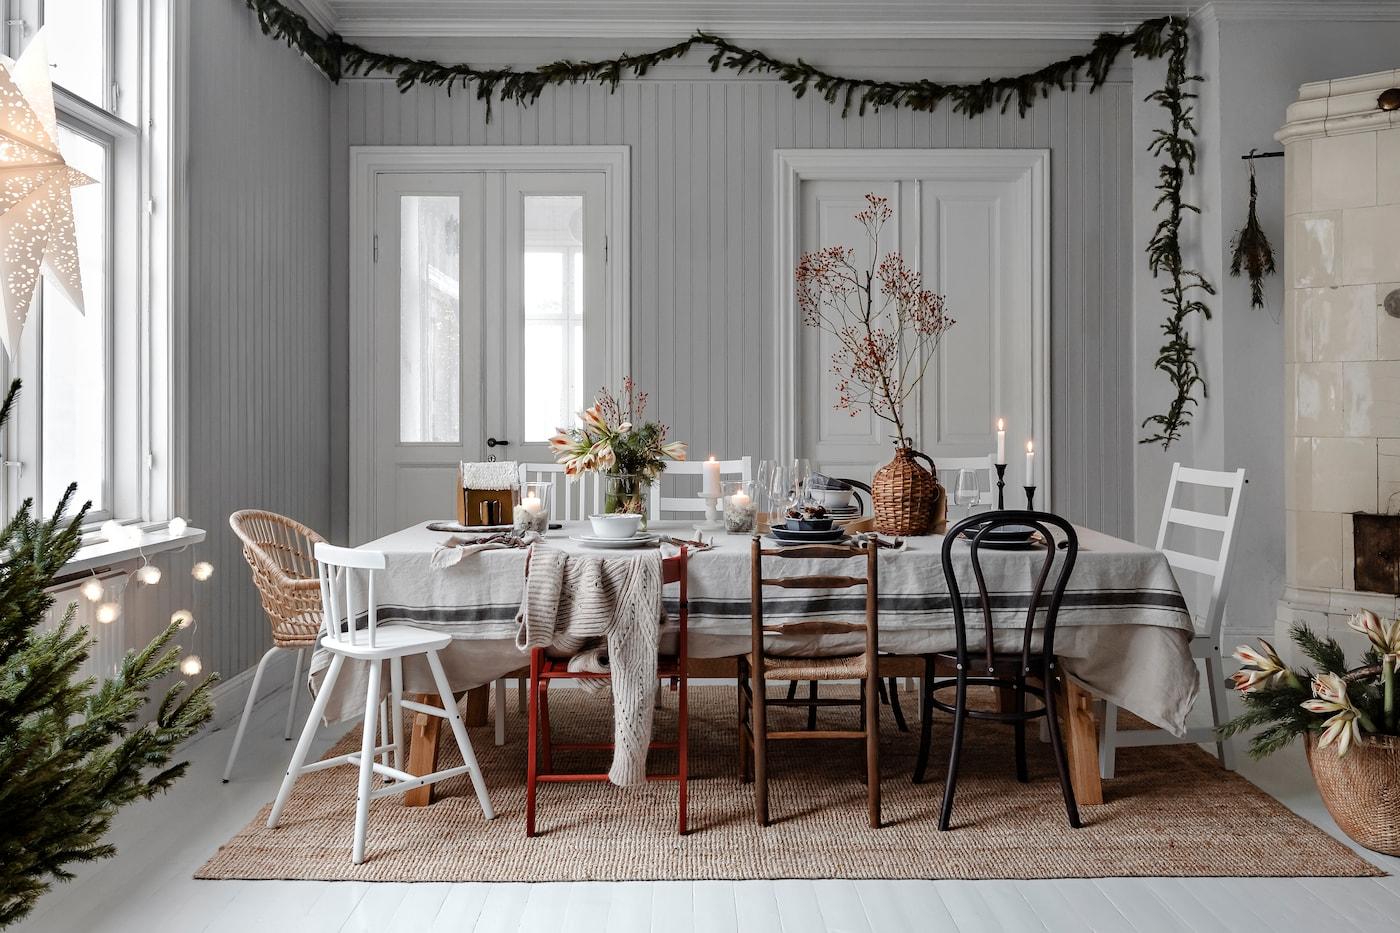 Matplats i vacker och avskalad juldukning med udda stolar.